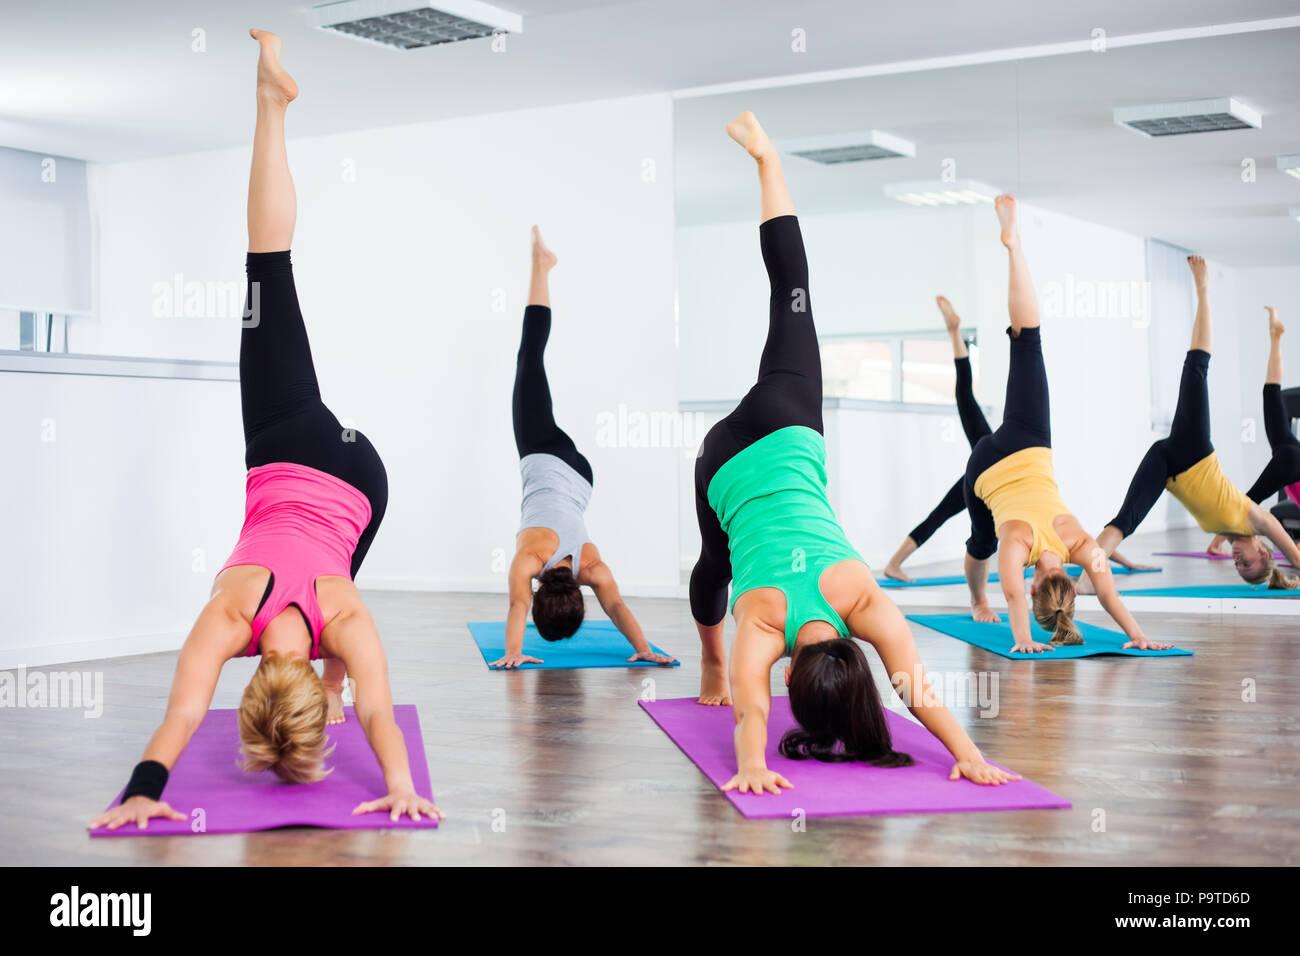 Le quattro ragazze a praticare yoga, Eka Pada Adho Mukha Svanasana / One - Zampe - verso il basso rivolto verso il cane pongono Immagini Stock